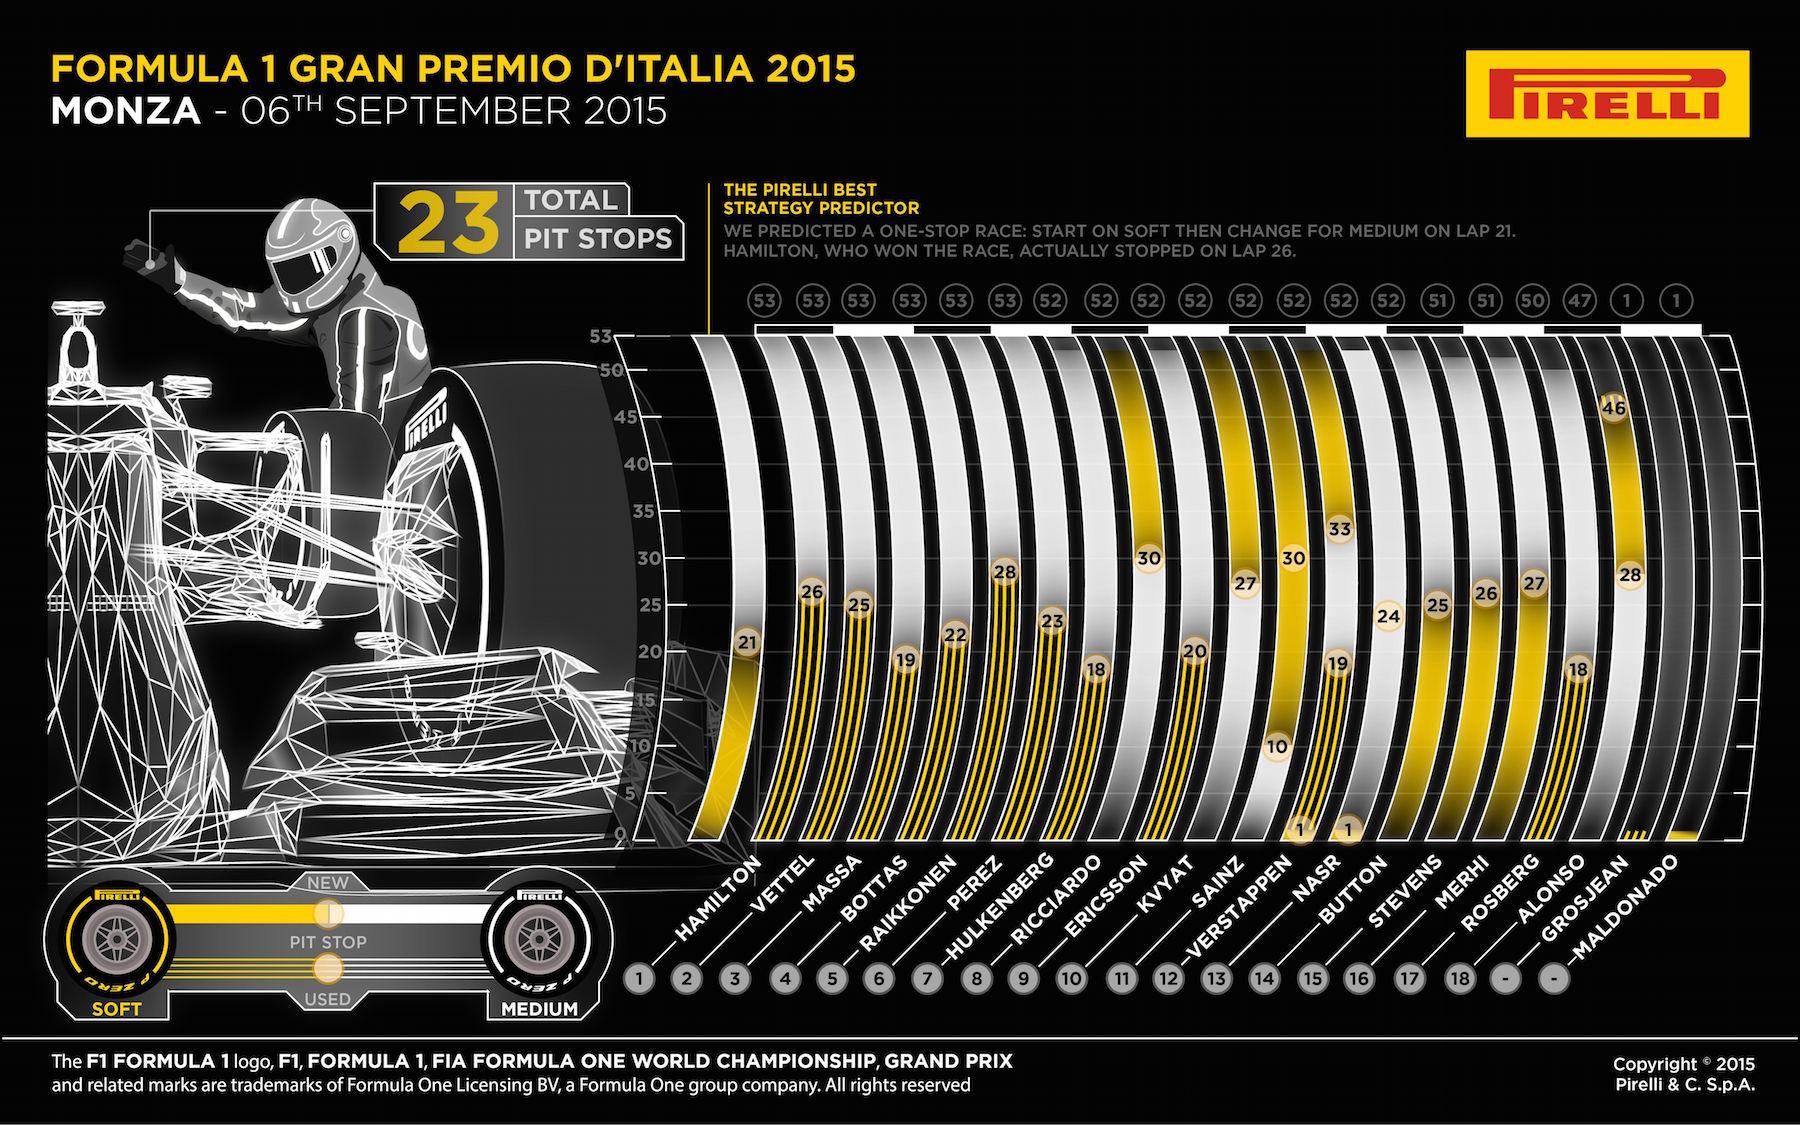 Pirelli - Monza